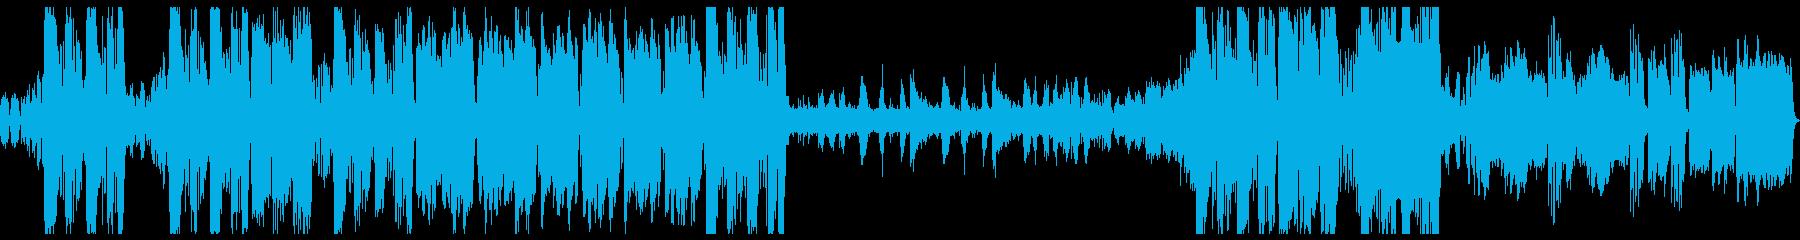 定番クラシック・結婚式・ウェディングの再生済みの波形